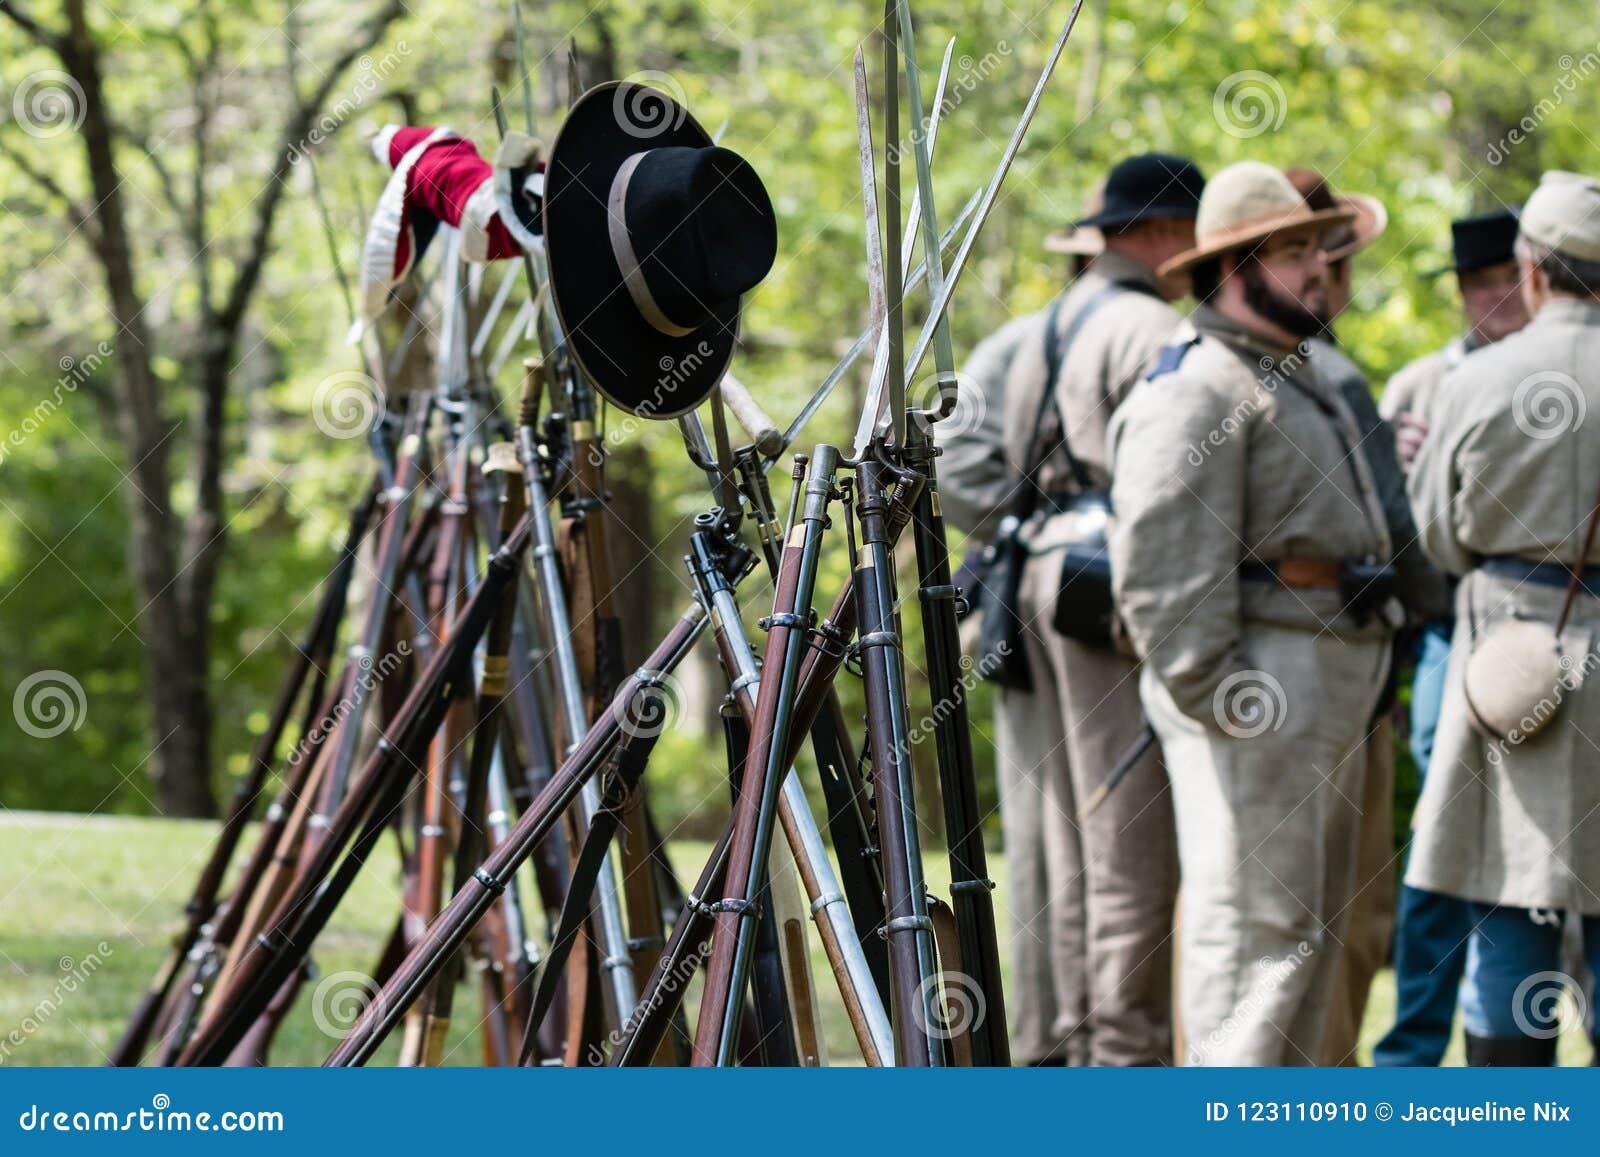 Rifles and bayonets